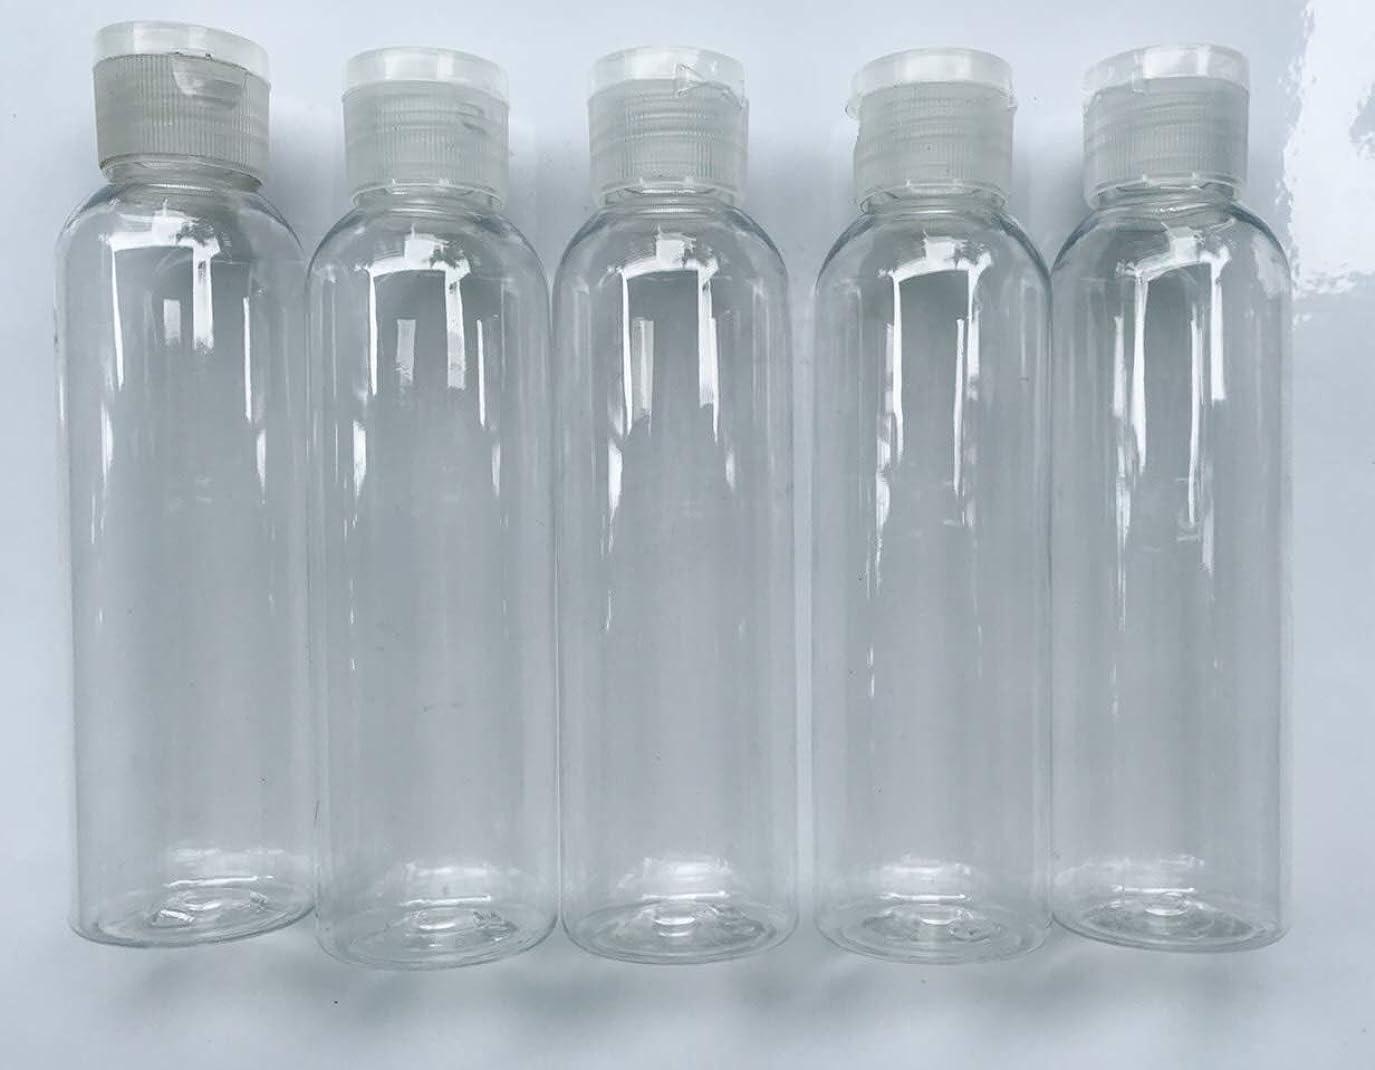 ディベート圧縮された寮旅行用 透明詰め替え容器150ml (クリア)携帯用トラベルボトル5本セット/シャンプー、化粧水、ローション、乳液などの基礎化粧品や調味料入れに